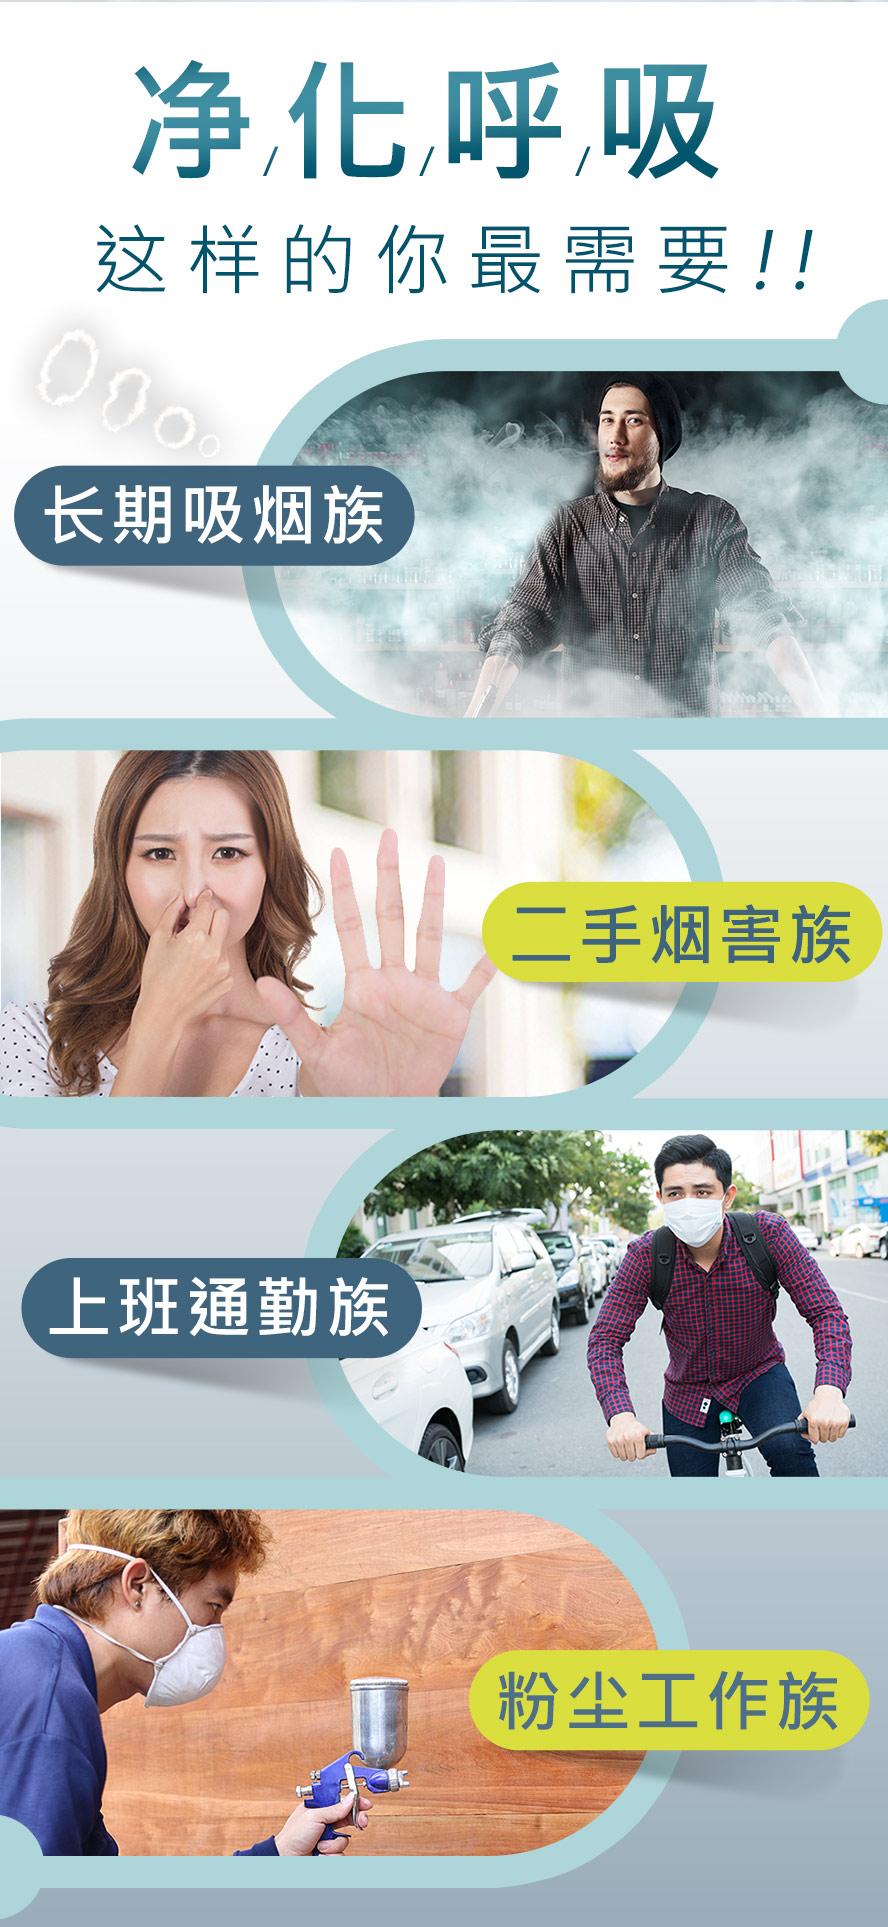 吸烟族及有2手烟问题,或是对呼吸道有需求者都可食用疗肺草胶囊